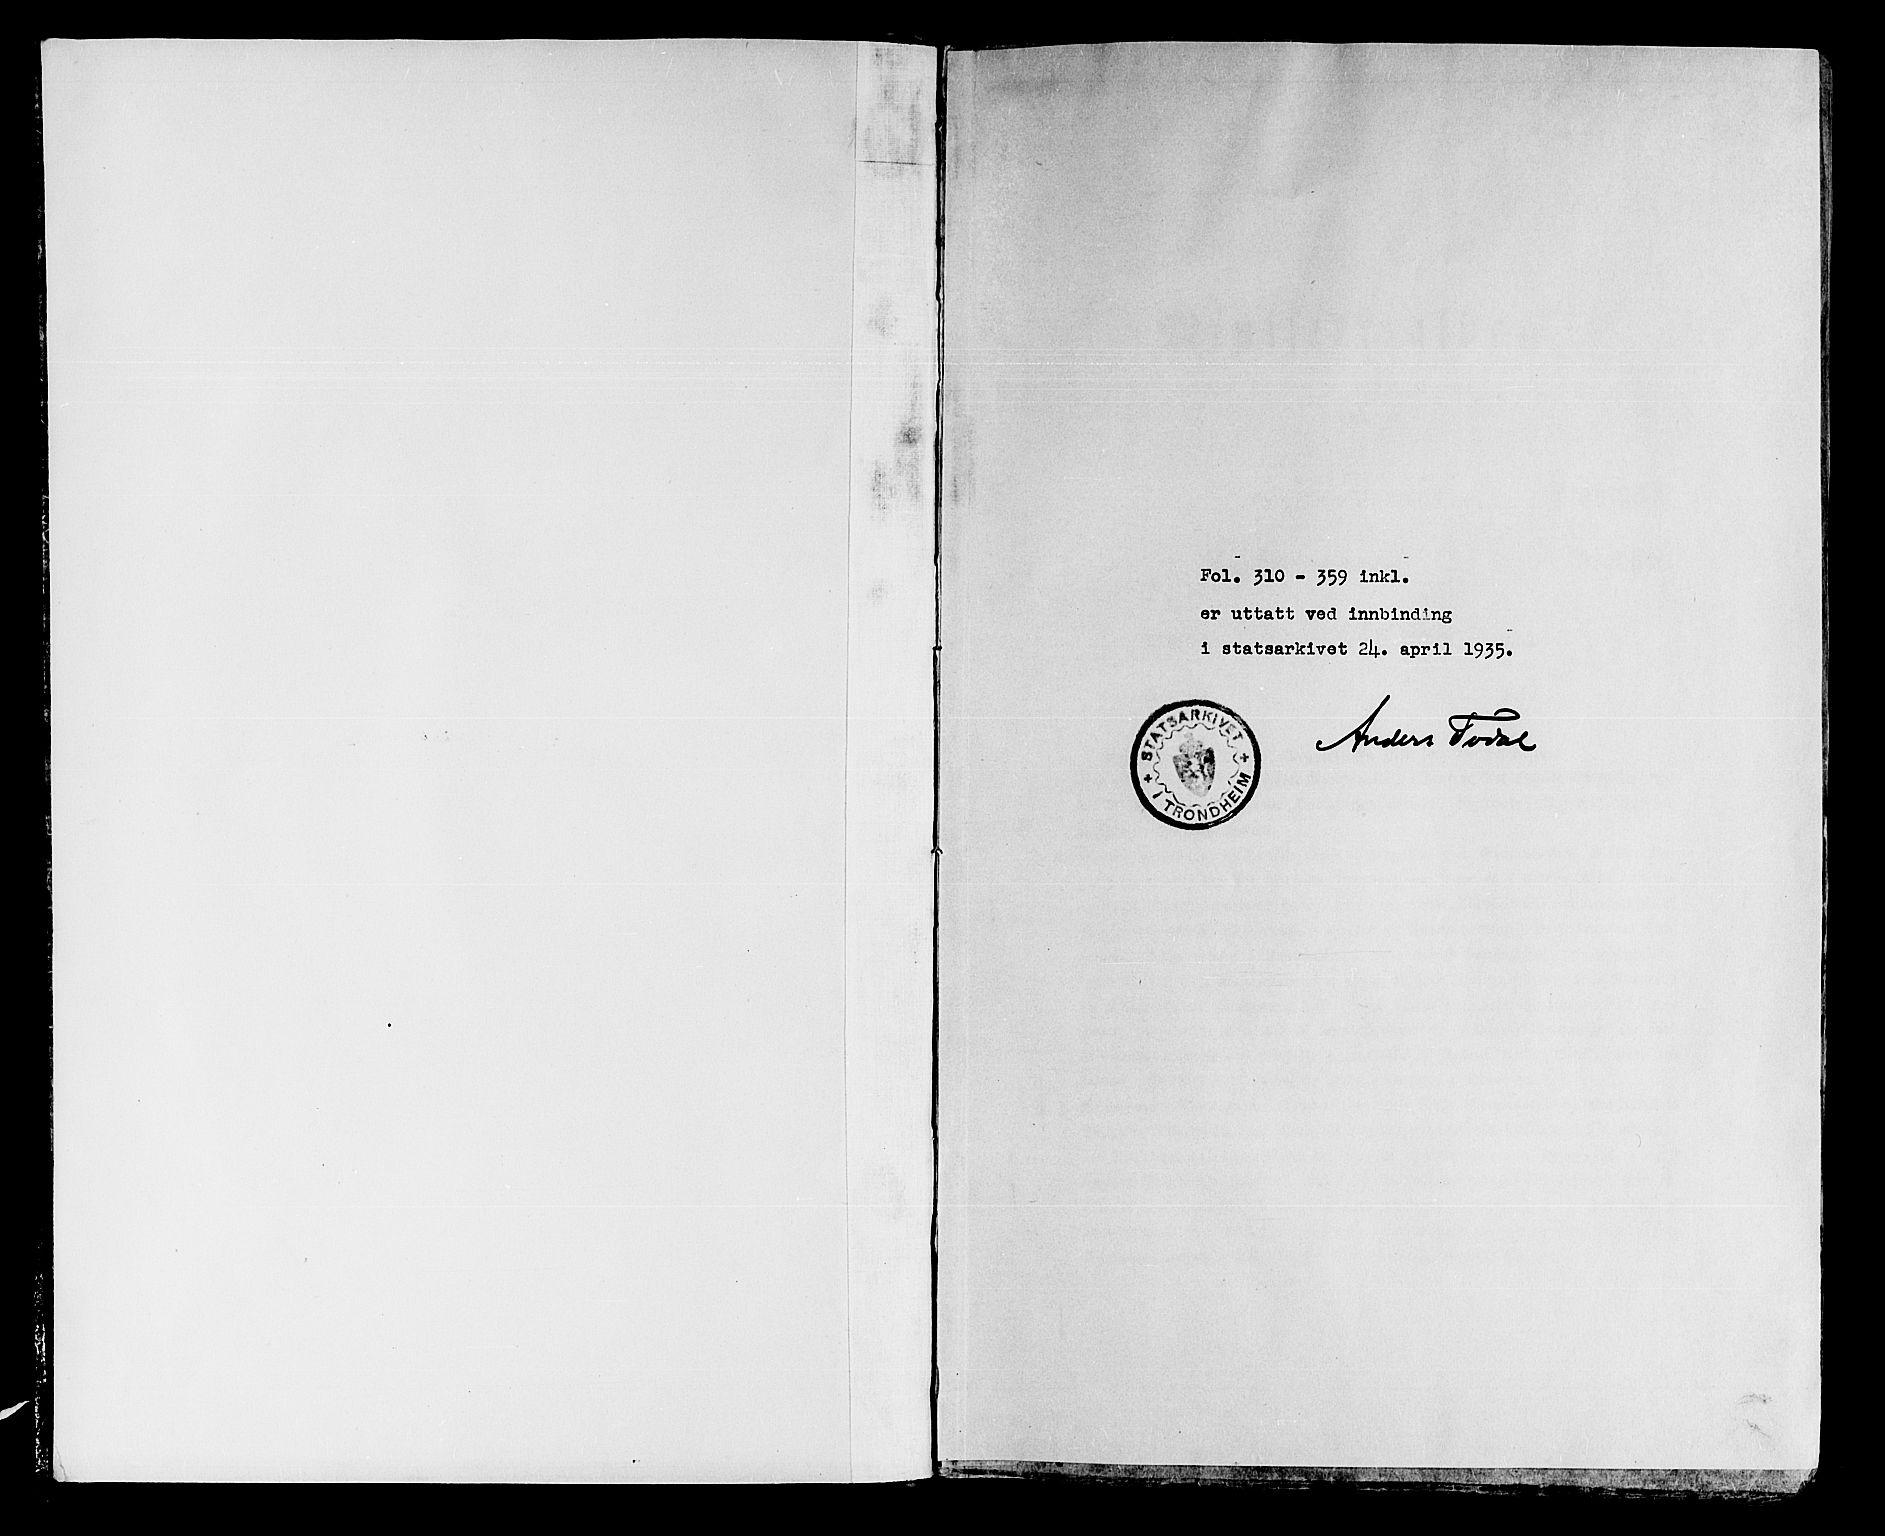 SAT, Ministerialprotokoller, klokkerbøker og fødselsregistre - Nord-Trøndelag, 741/L0390: Ministerialbok nr. 741A04, 1822-1836